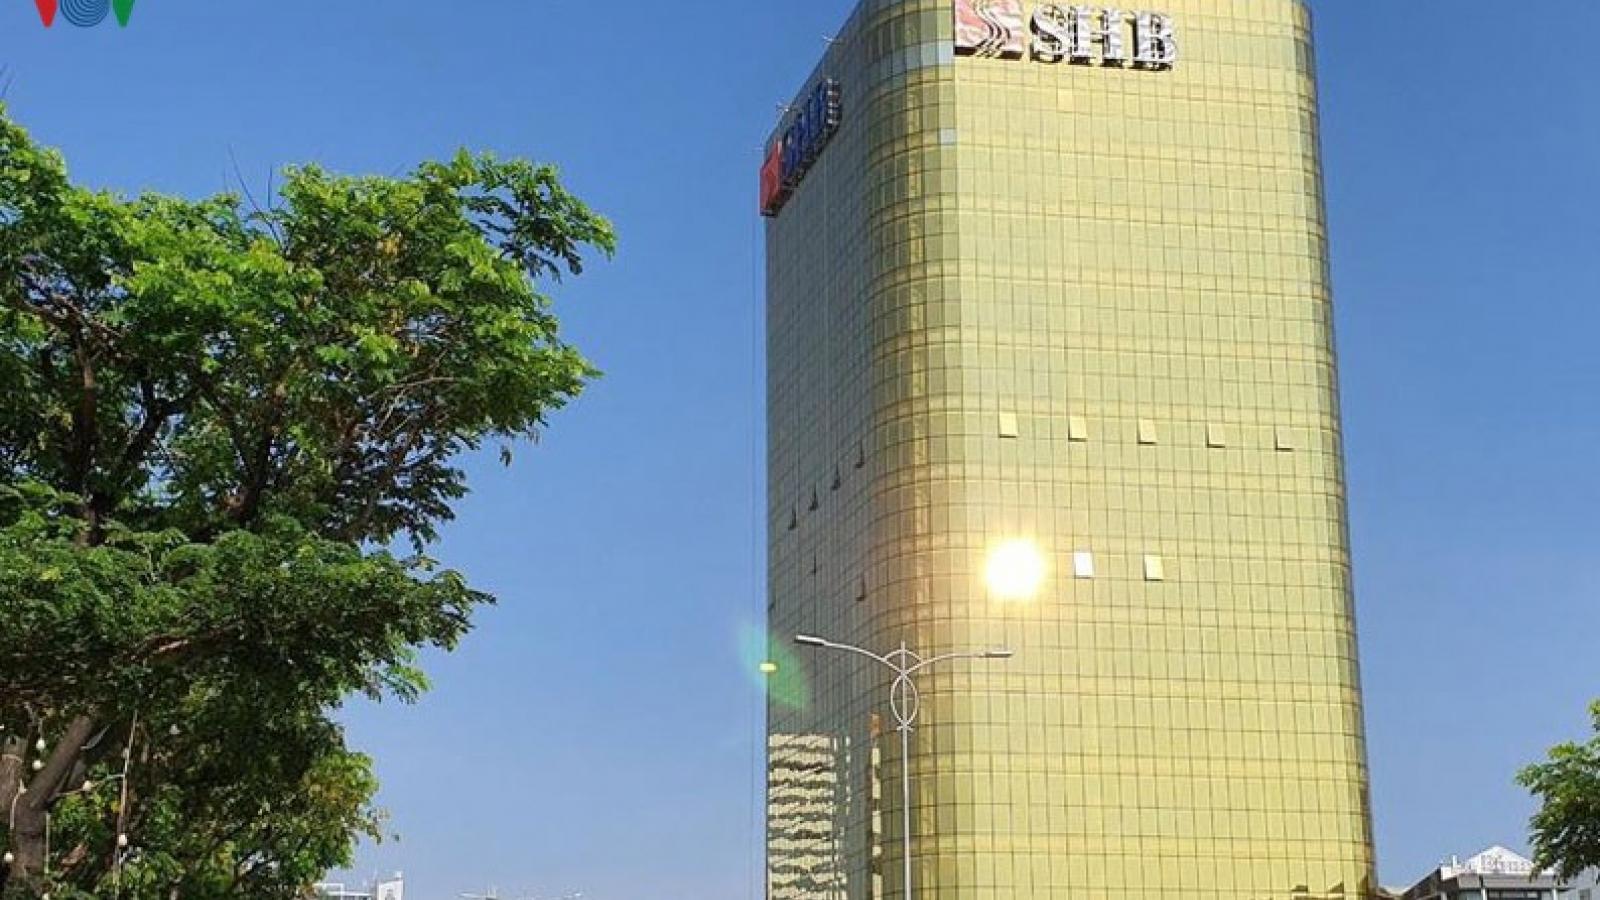 Đề xuất phương án khắc phục chống lóa tòa nhà SHB Đà Nẵng